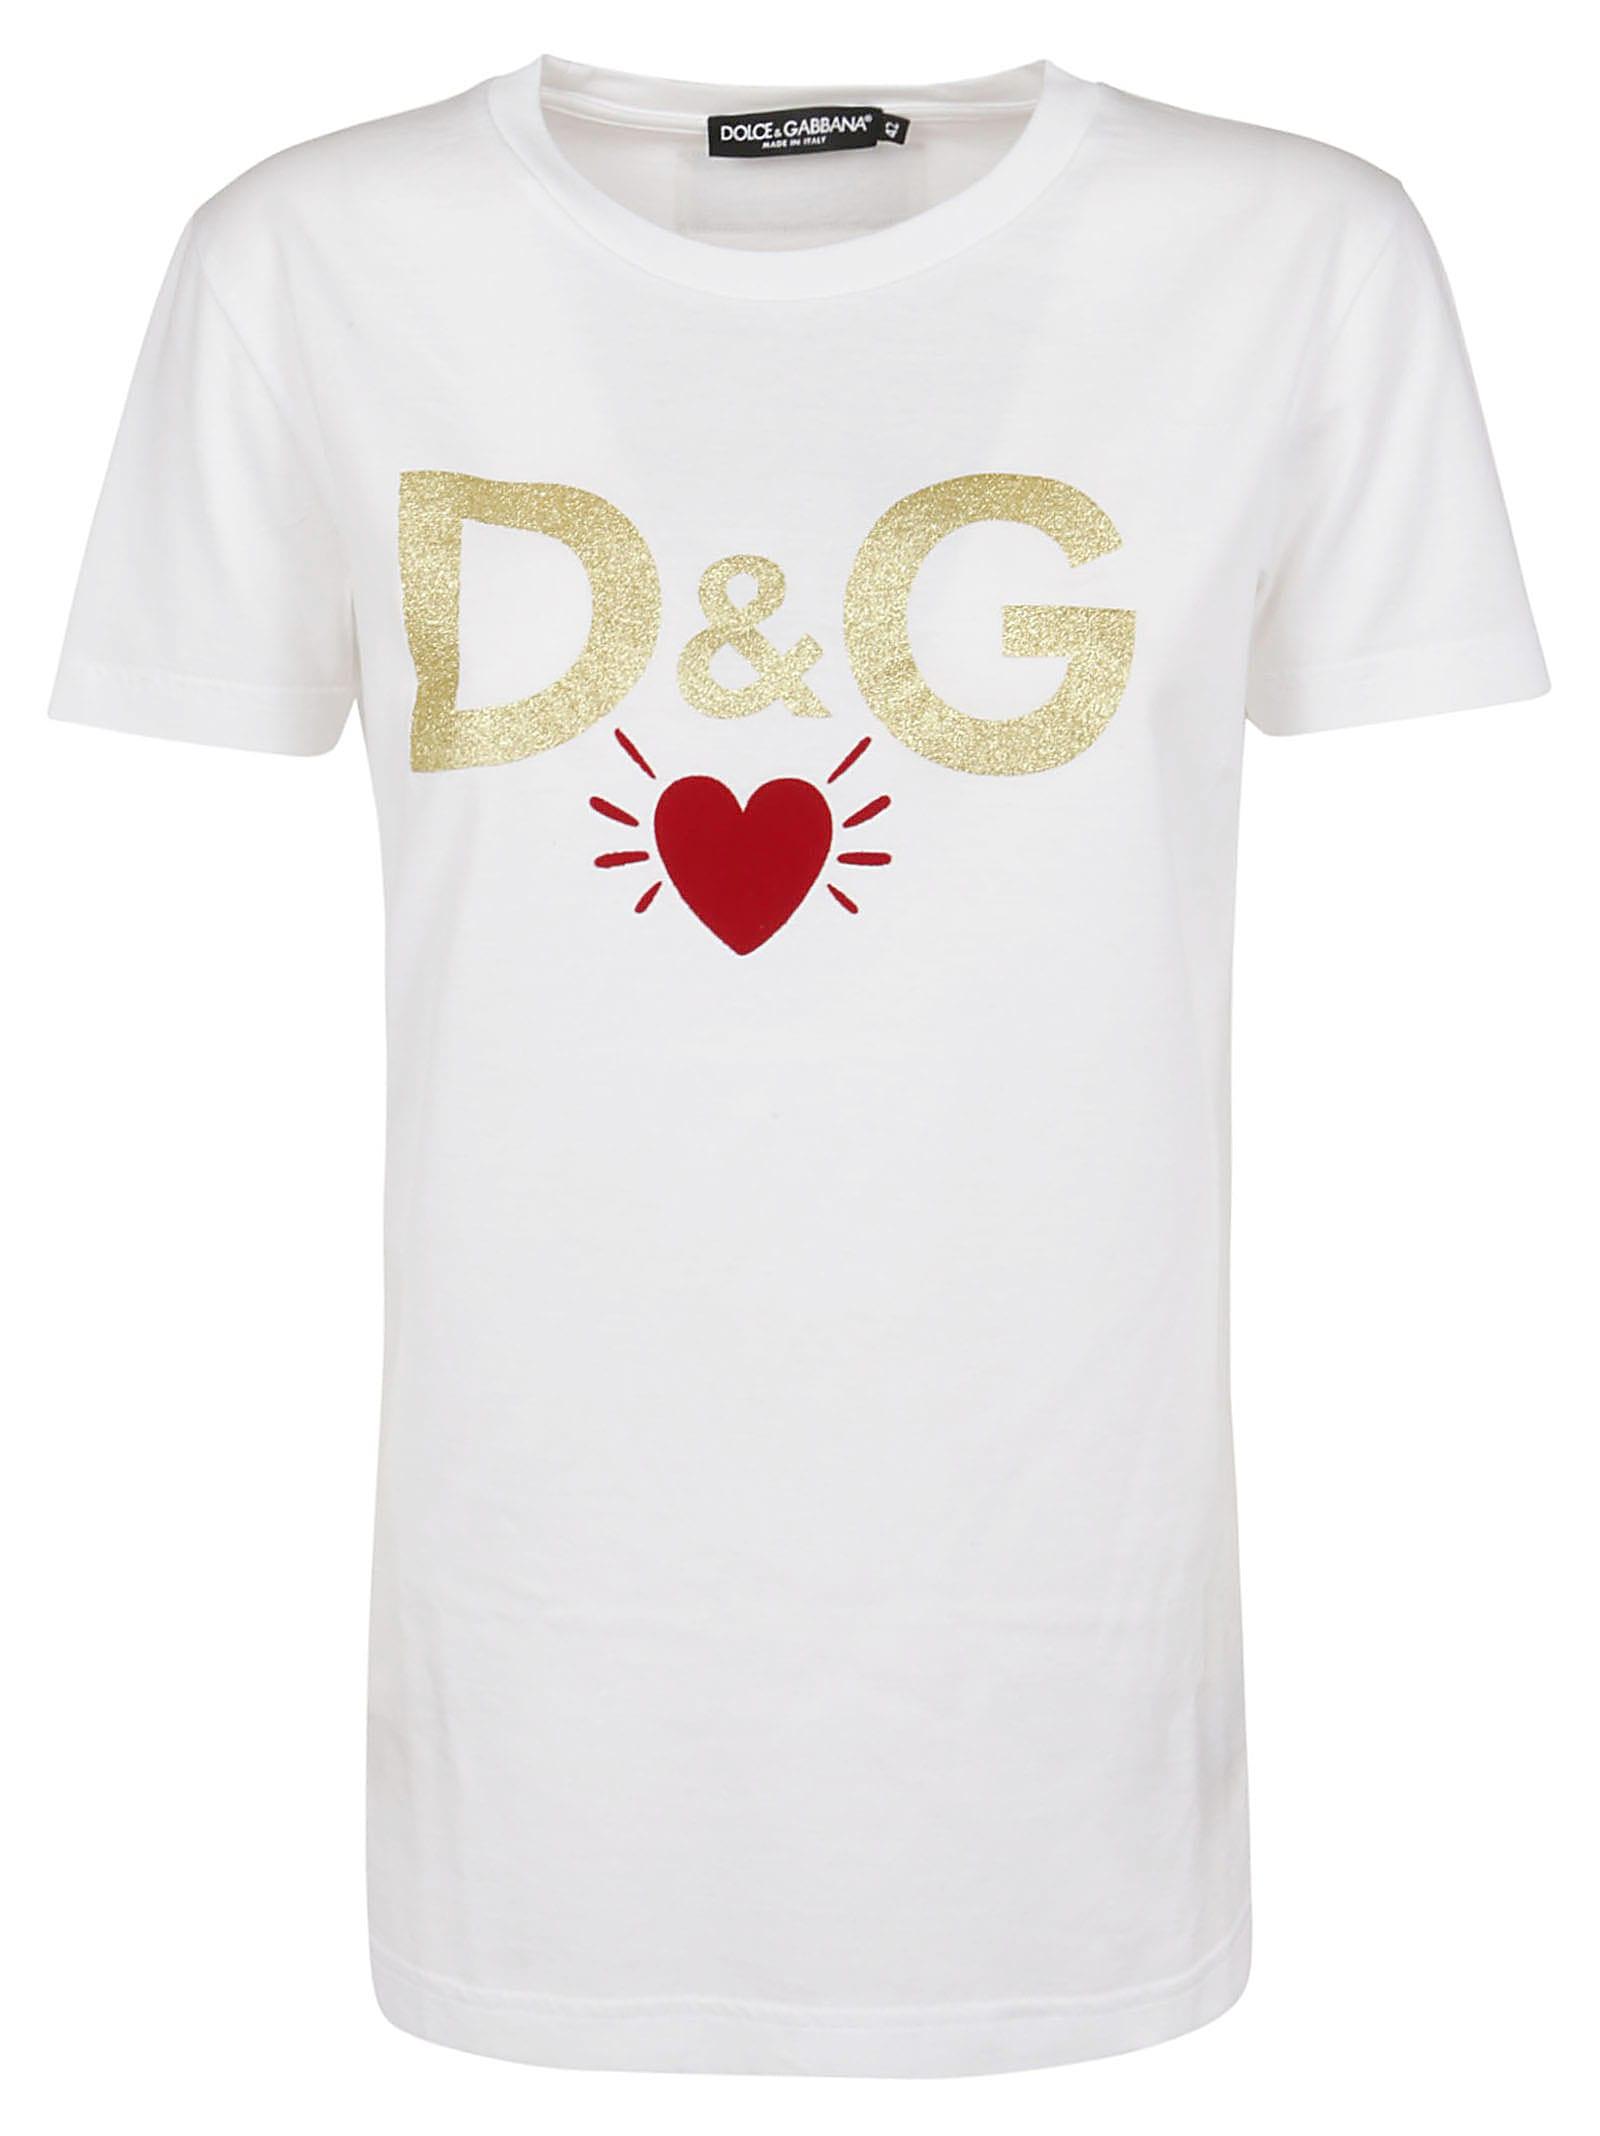 Dolce & Gabbana T-shirts SHORT SLEEVE T-SHIRT